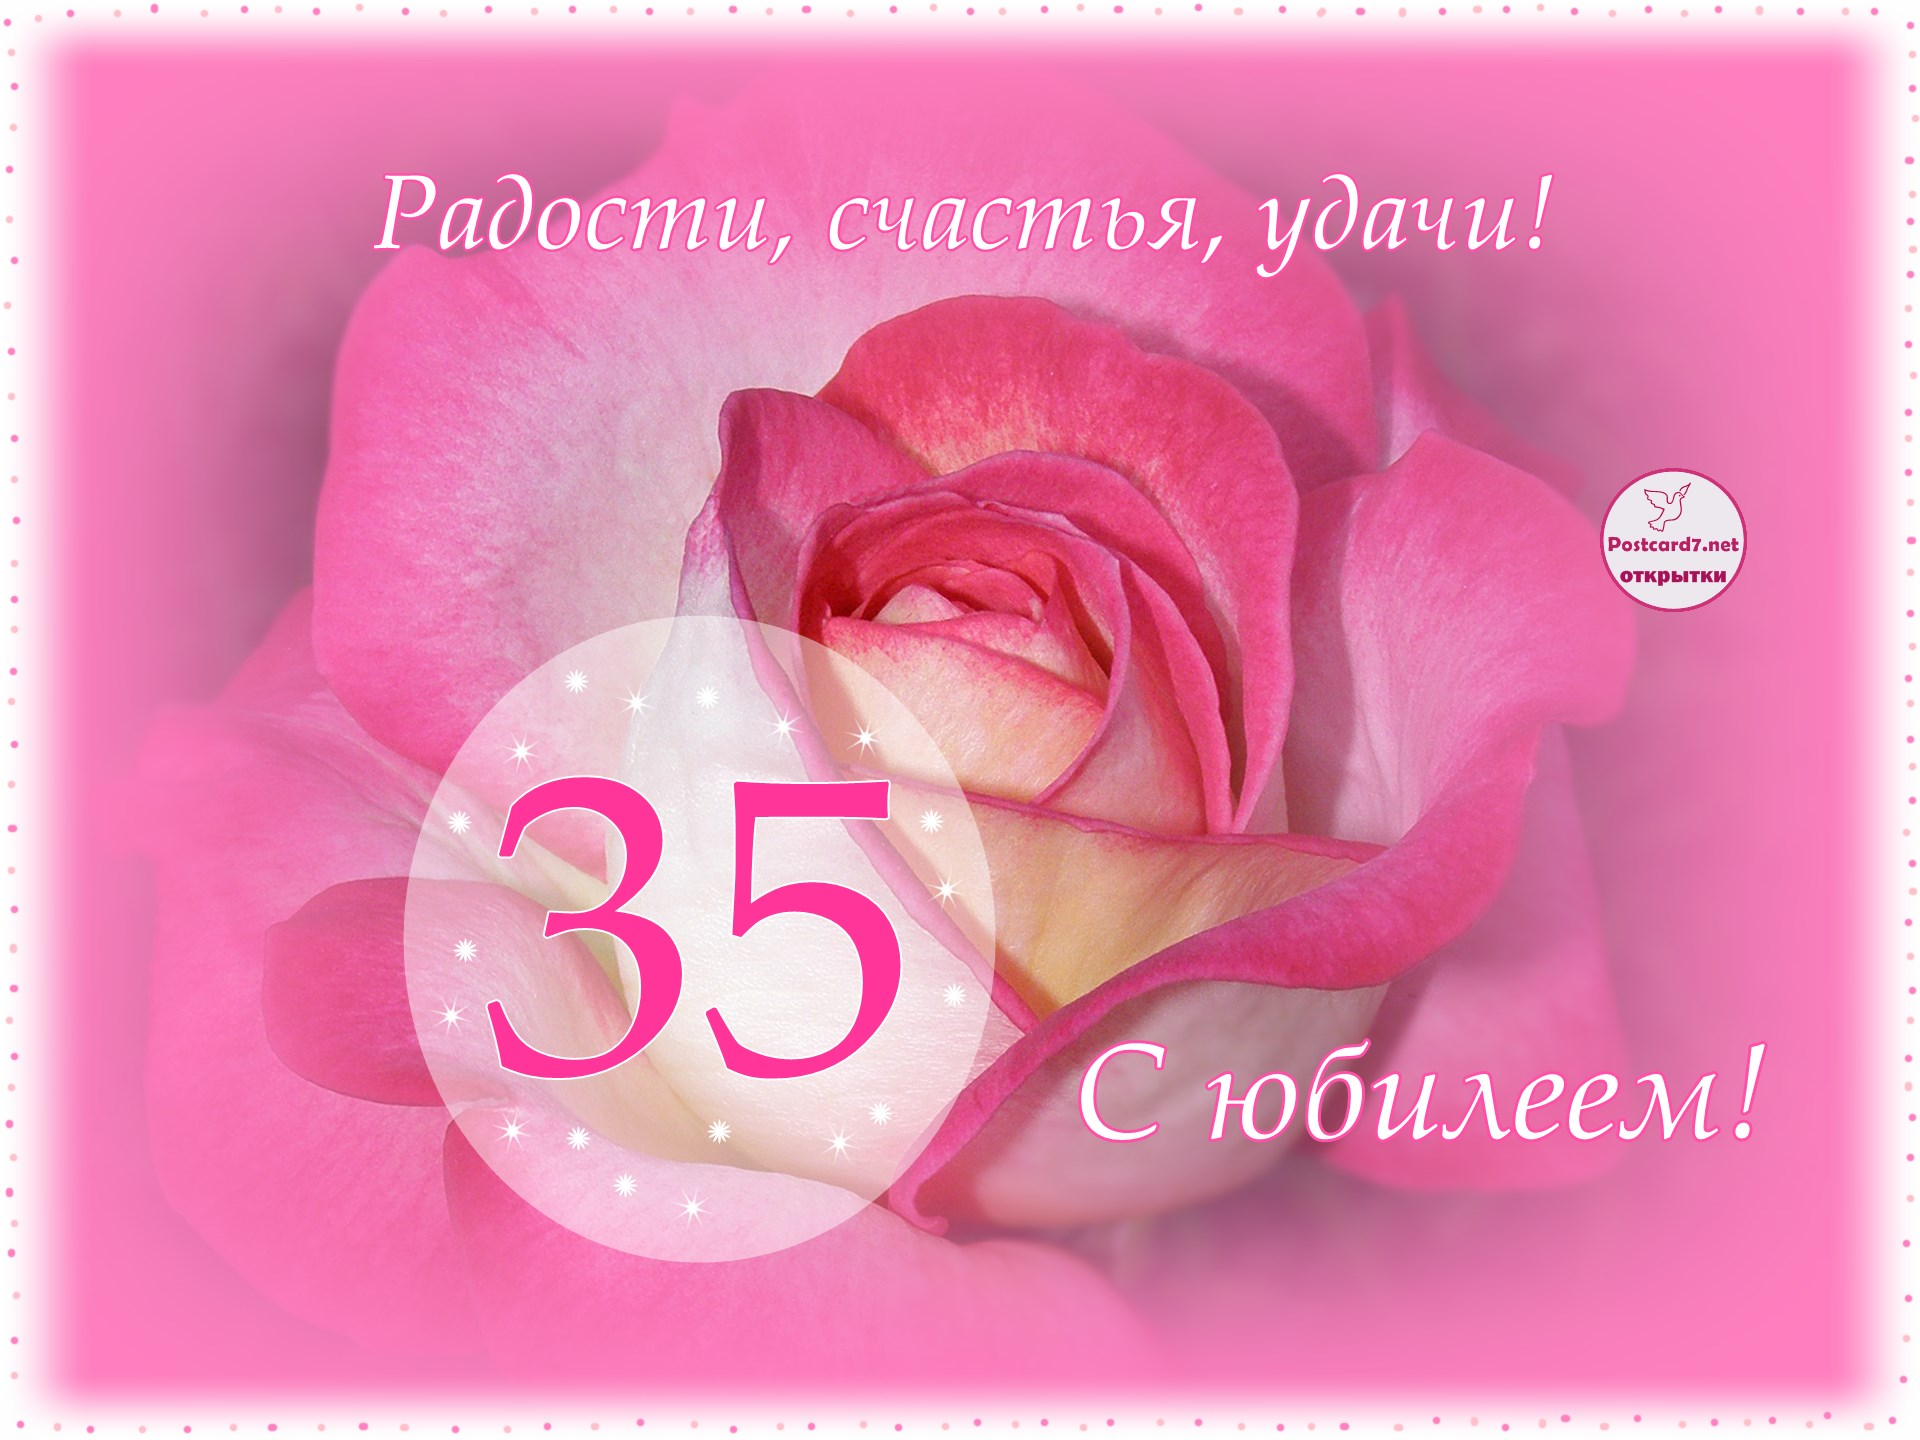 Открытки приятного, открытки с юбилеем 35 женщине красивые поздравления